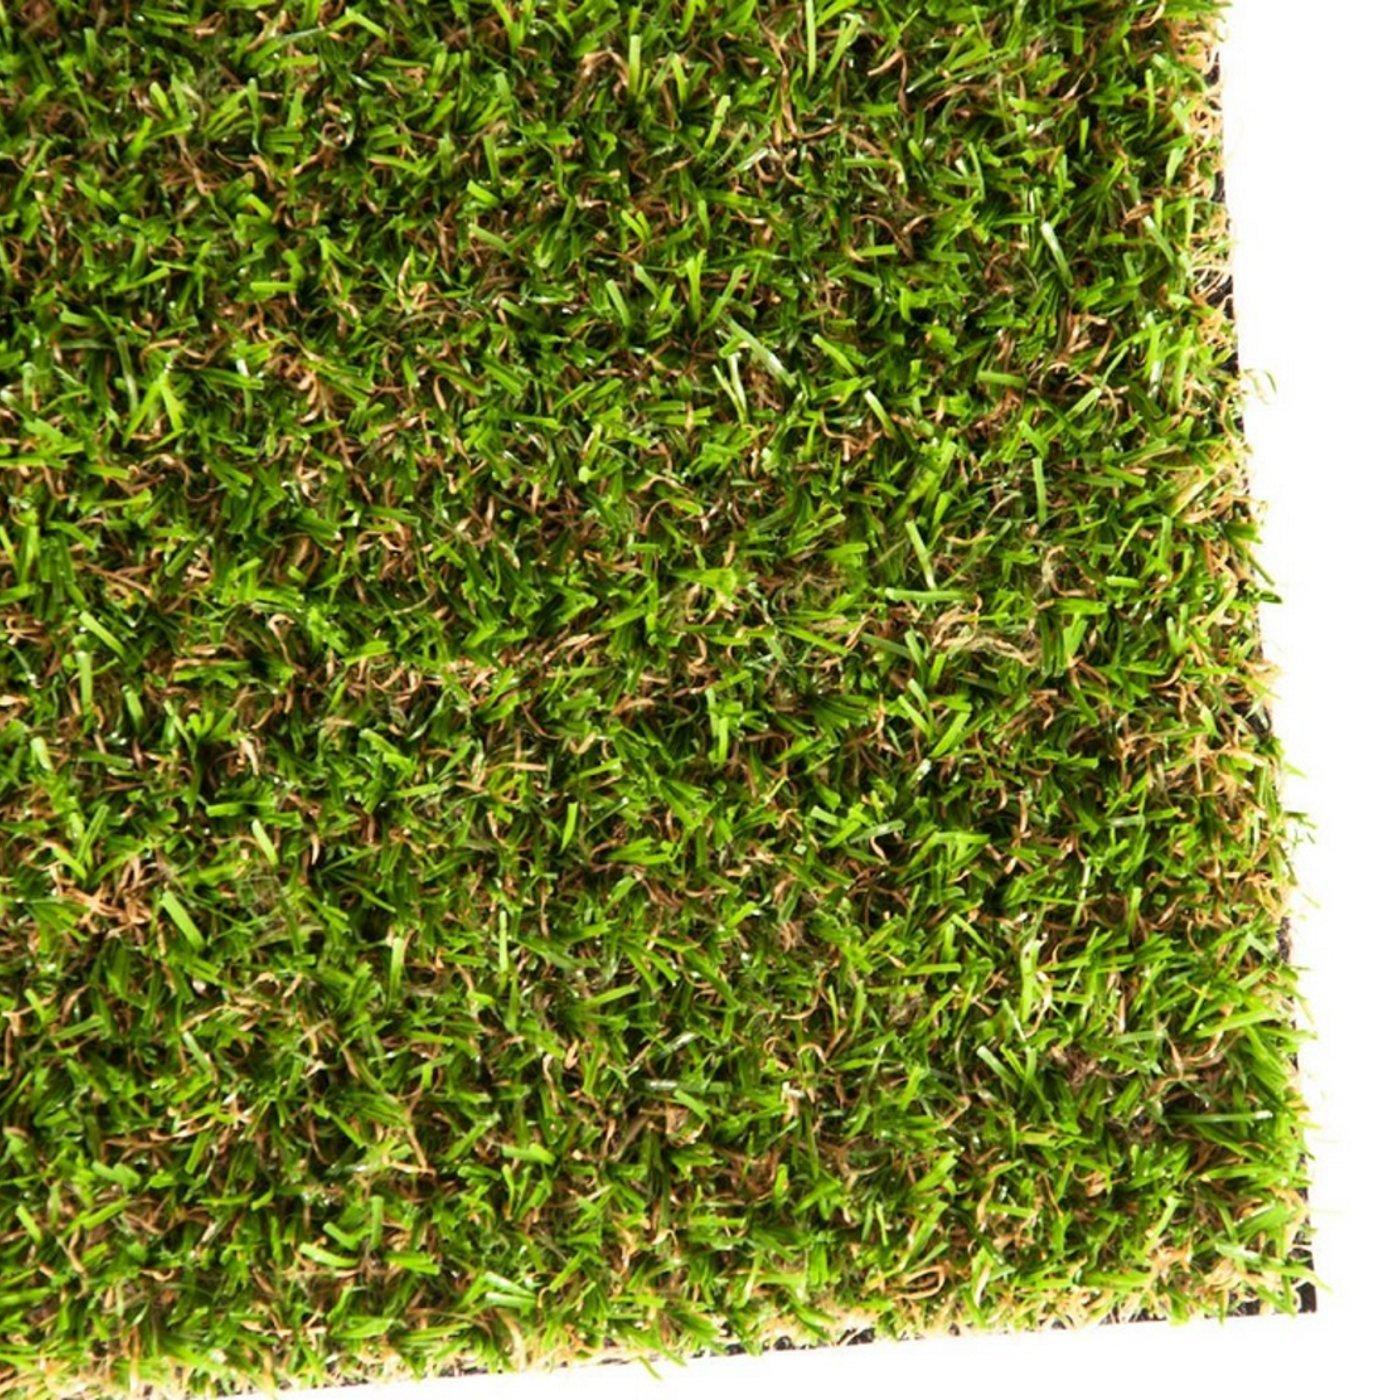 Gazon artificiel casa pura Oxford | pelouse synthétique pour terrasse, balcon etc. | tailles au mètre | poids 1800g/m² - stabilisé UV selon DIN 53387 | 400x133cm